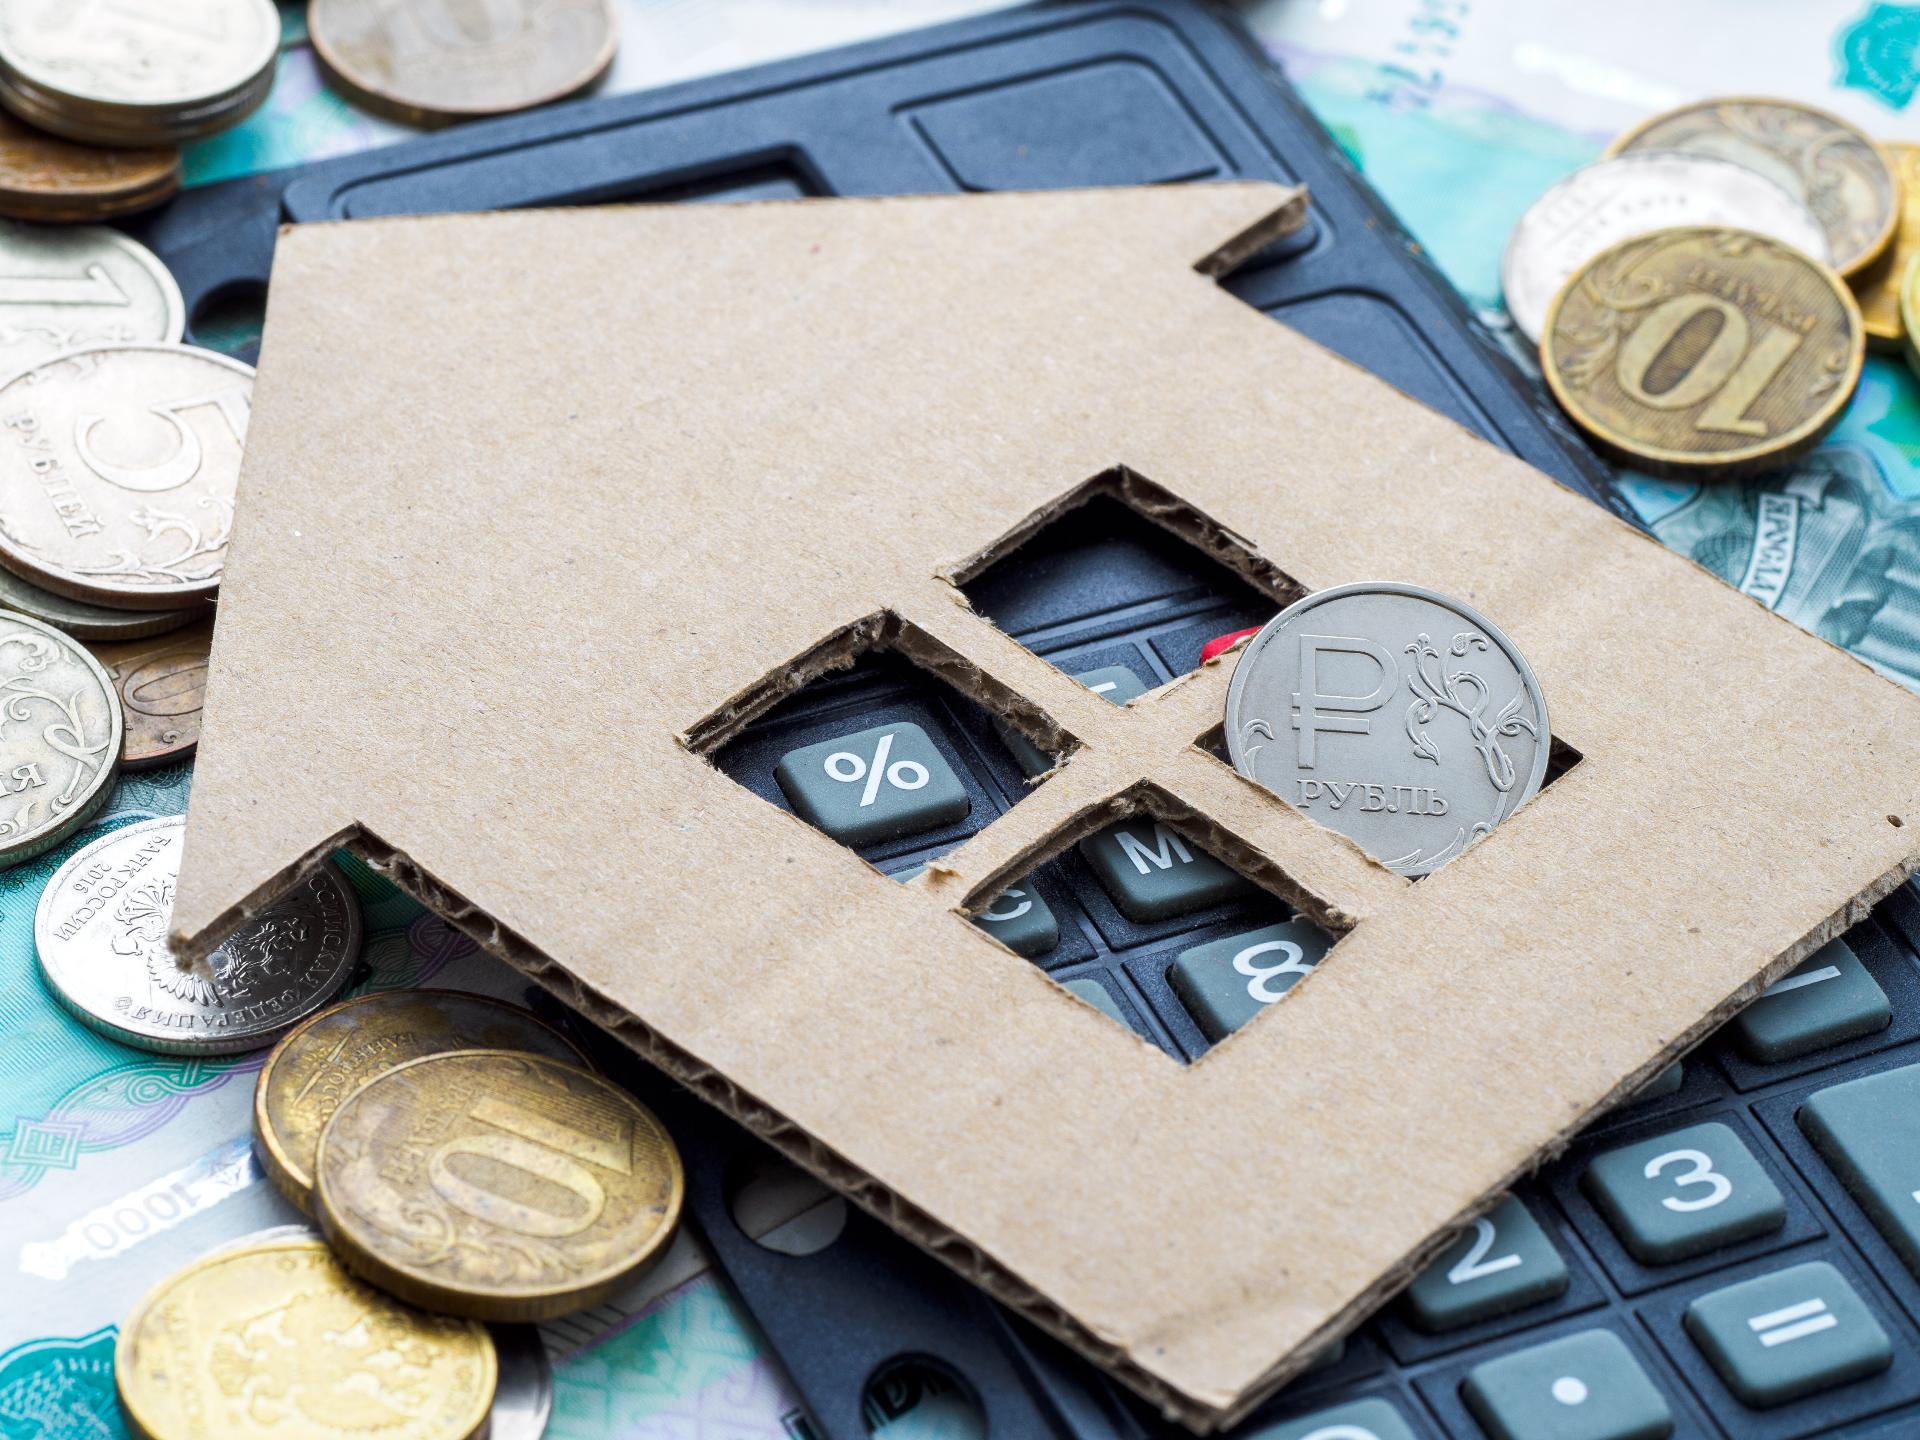 Недвижимость, которая является предметом залога, сохранить в собственности не удастся, как и другое имущество, которое находится в собственности должника (исключение составляет единственное жилье)